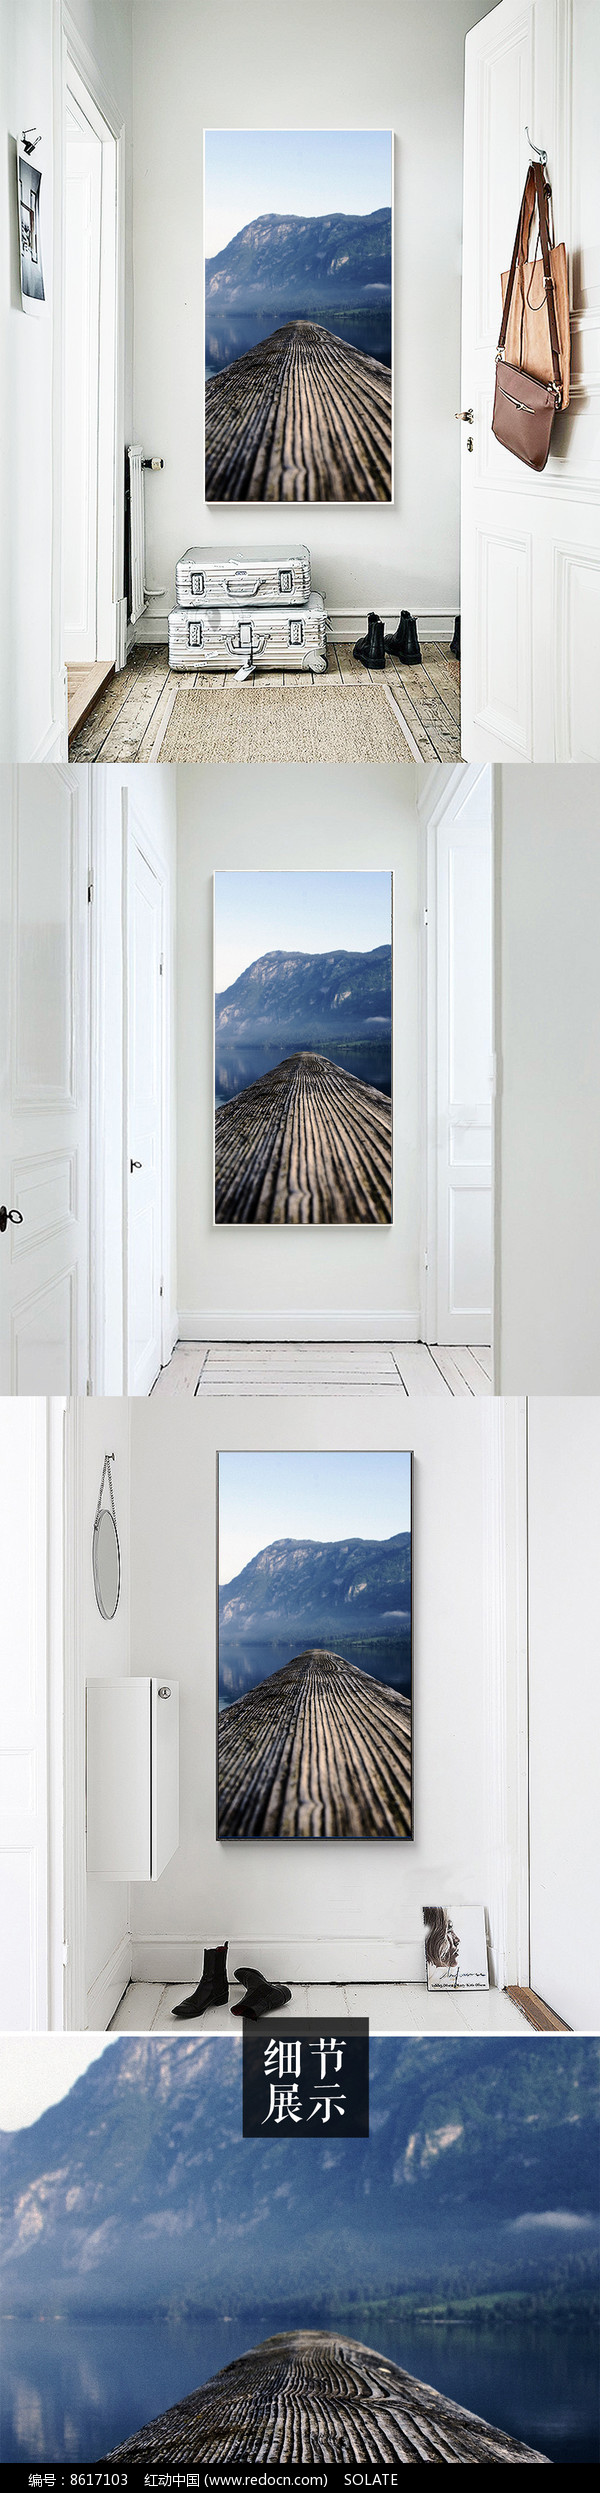 大自然风景山峰道路装饰画